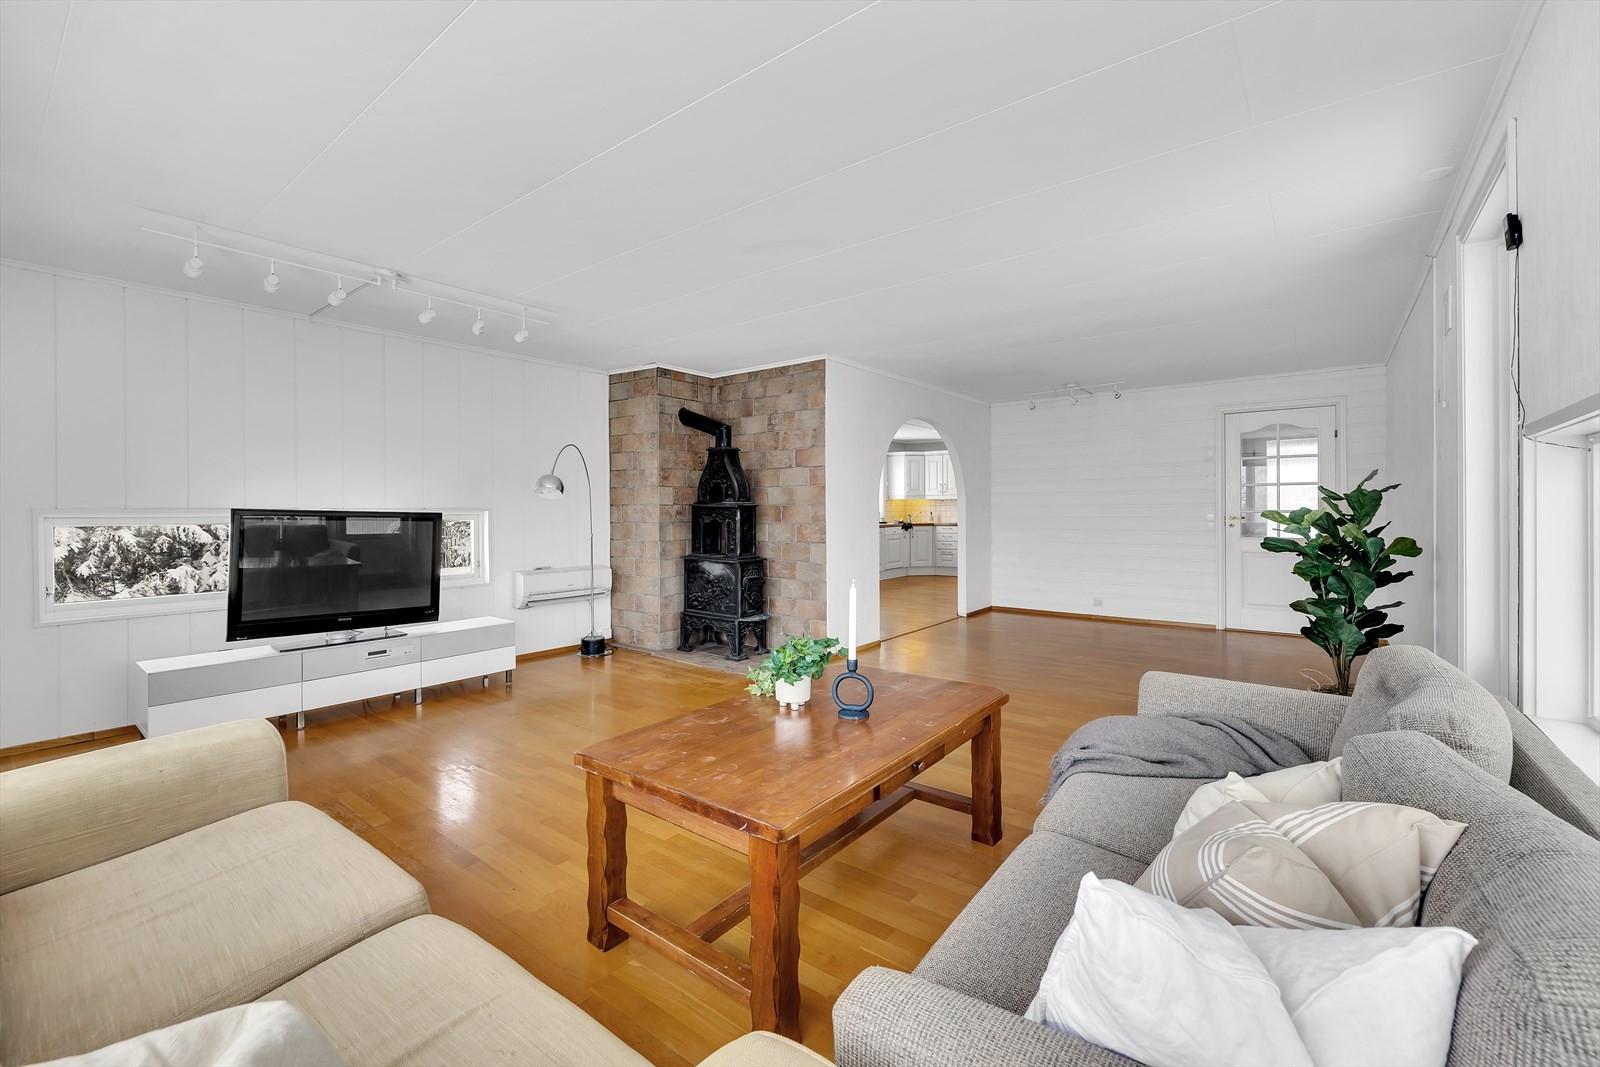 Stor stue med vinduer med godt lysinnslipp. Vedfyring.